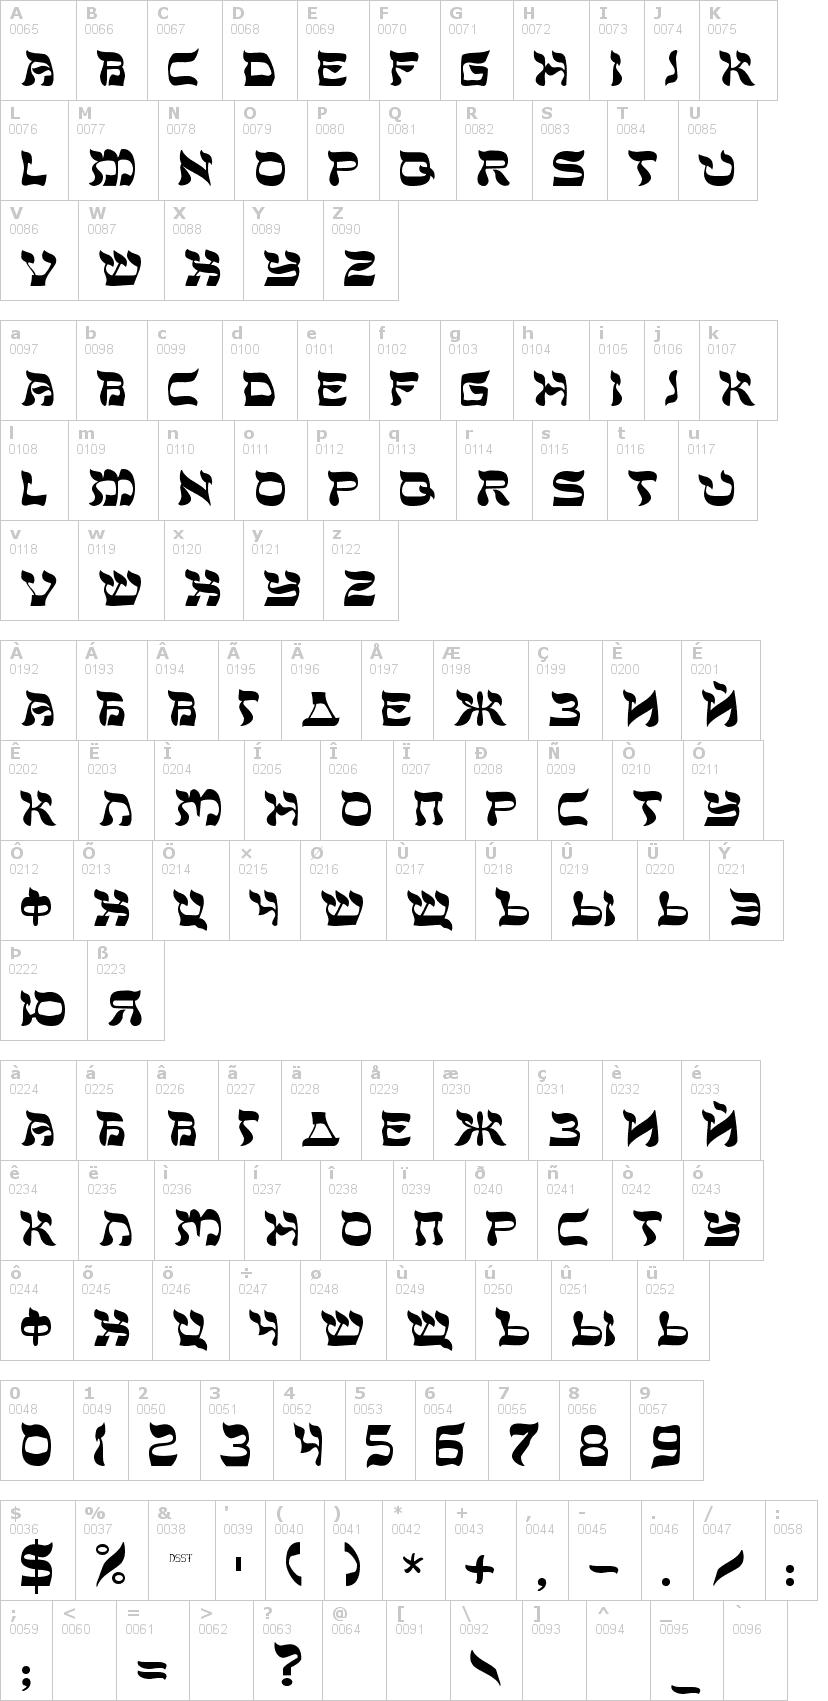 Lettere dell'alfabeto del font ds-sholom con le quali è possibile realizzare adesivi prespaziati